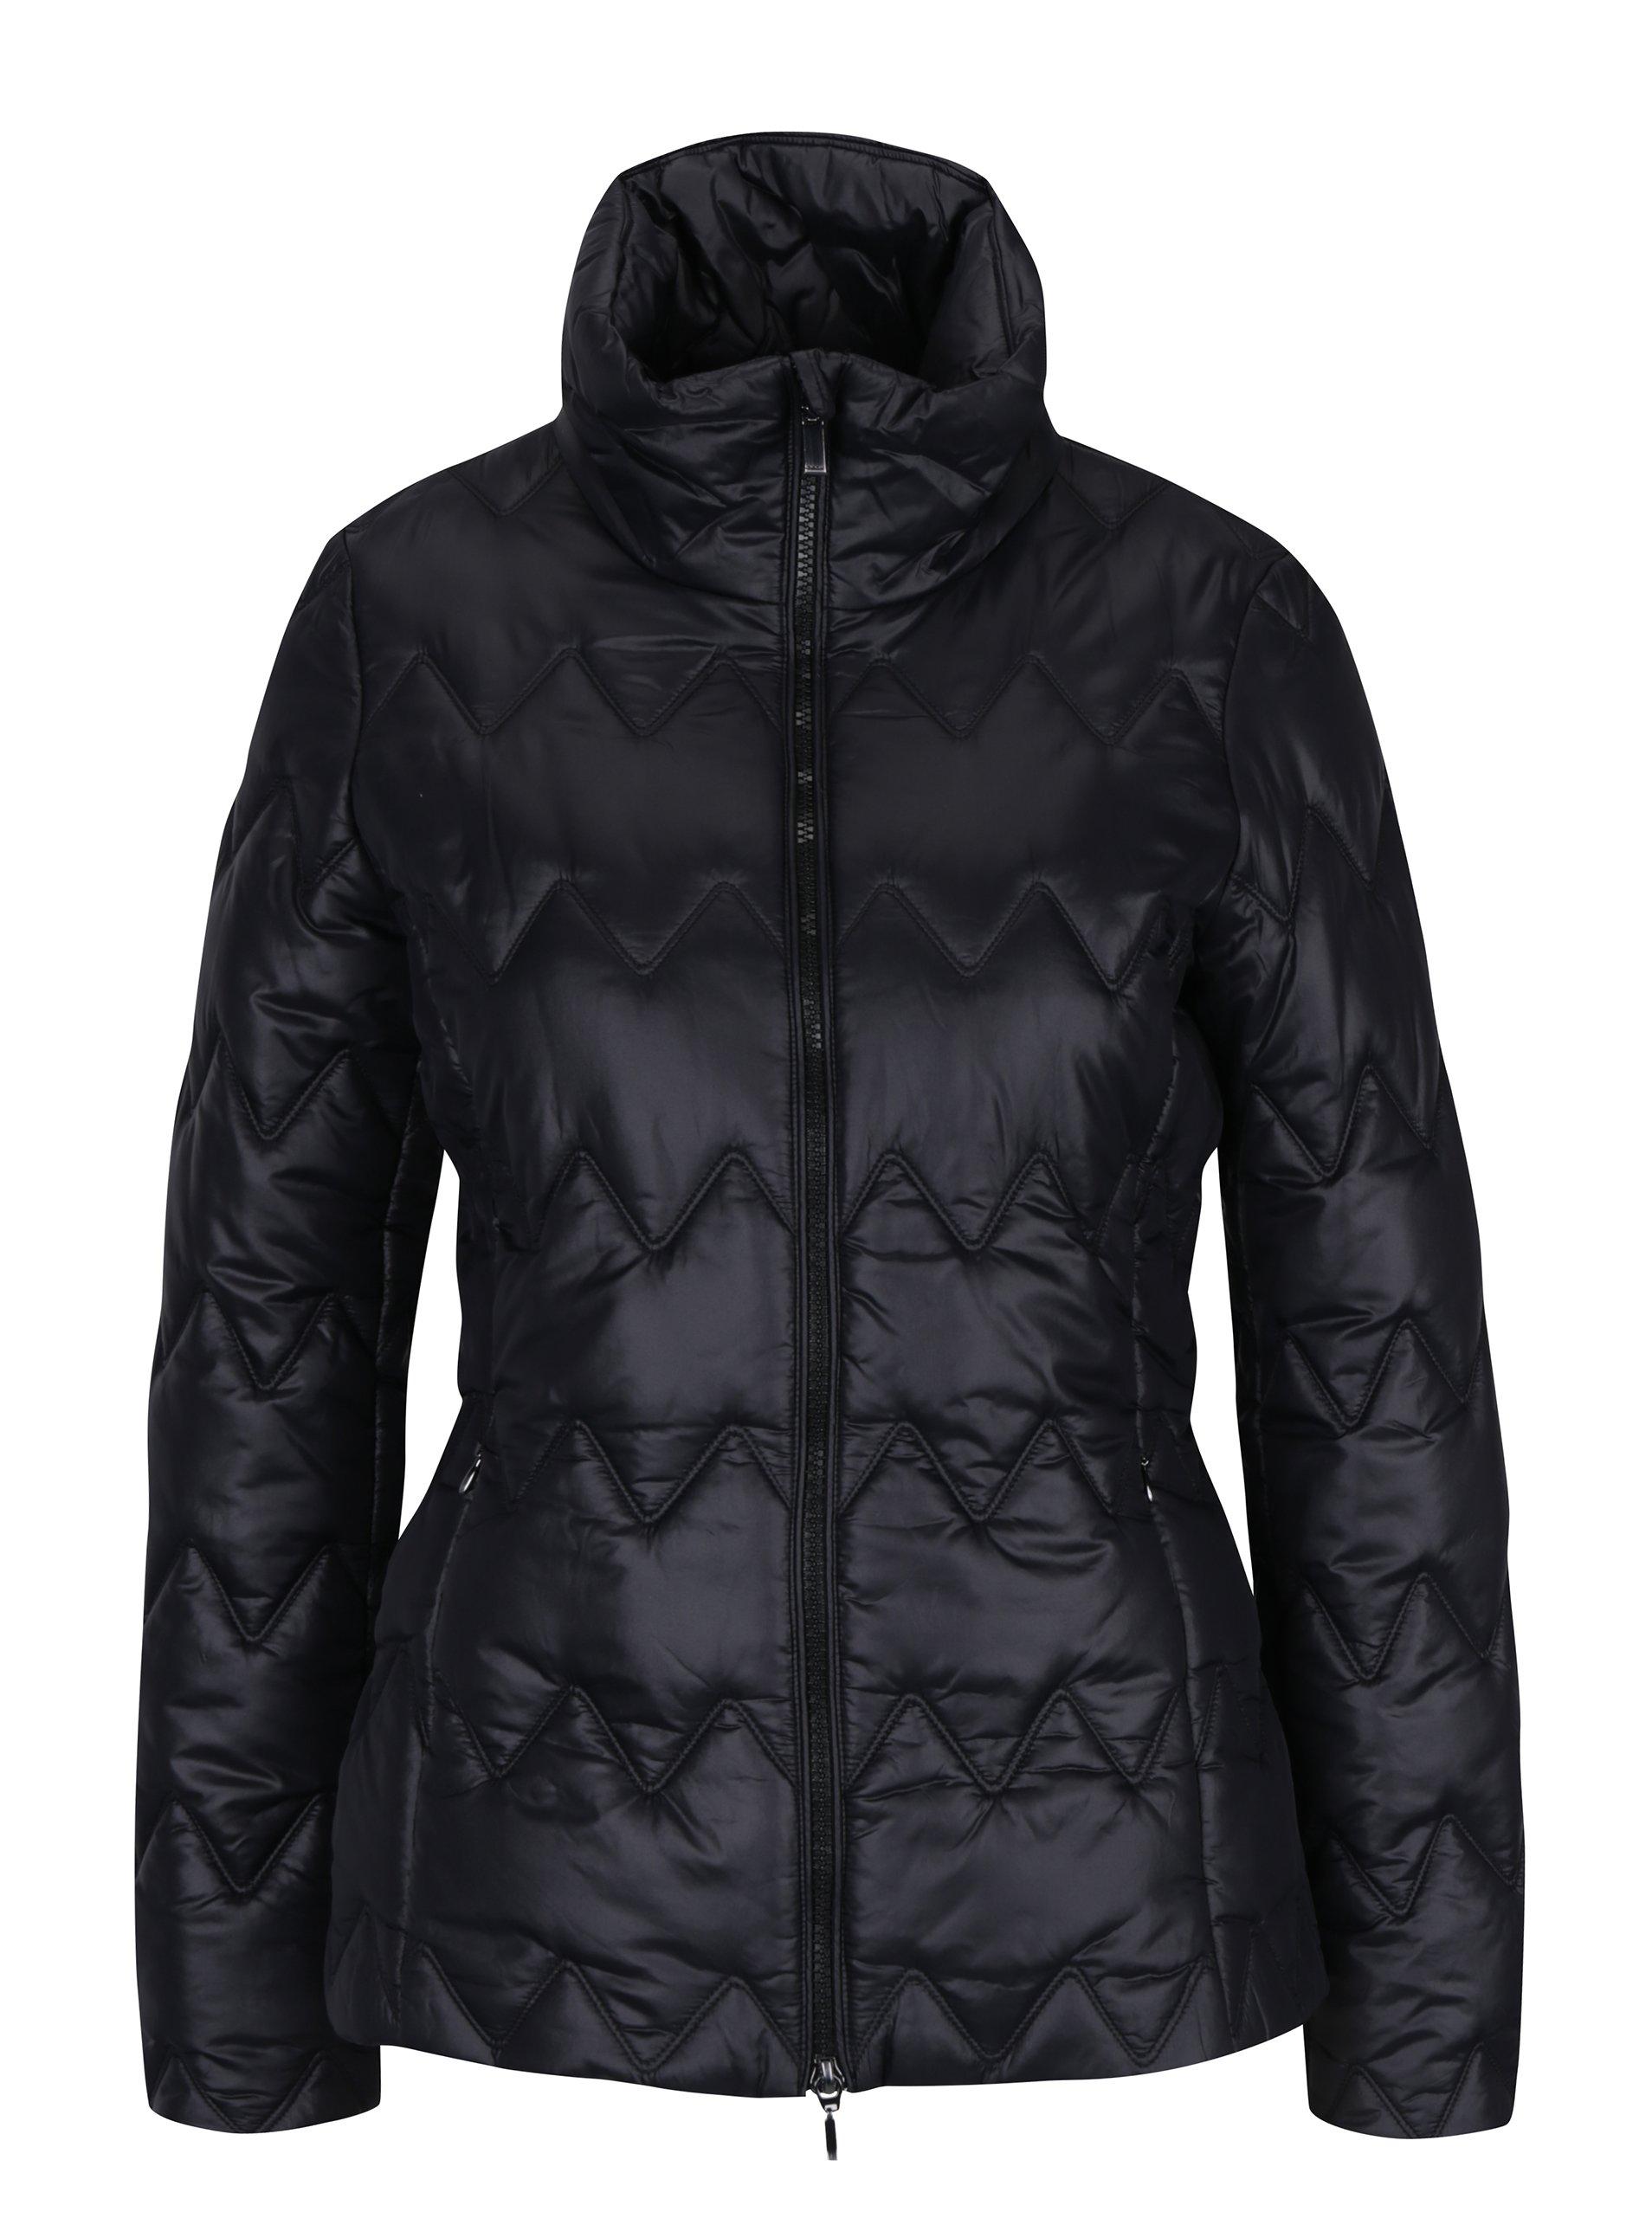 Černá dámská prošívaná funkční bunda s límcem Geox